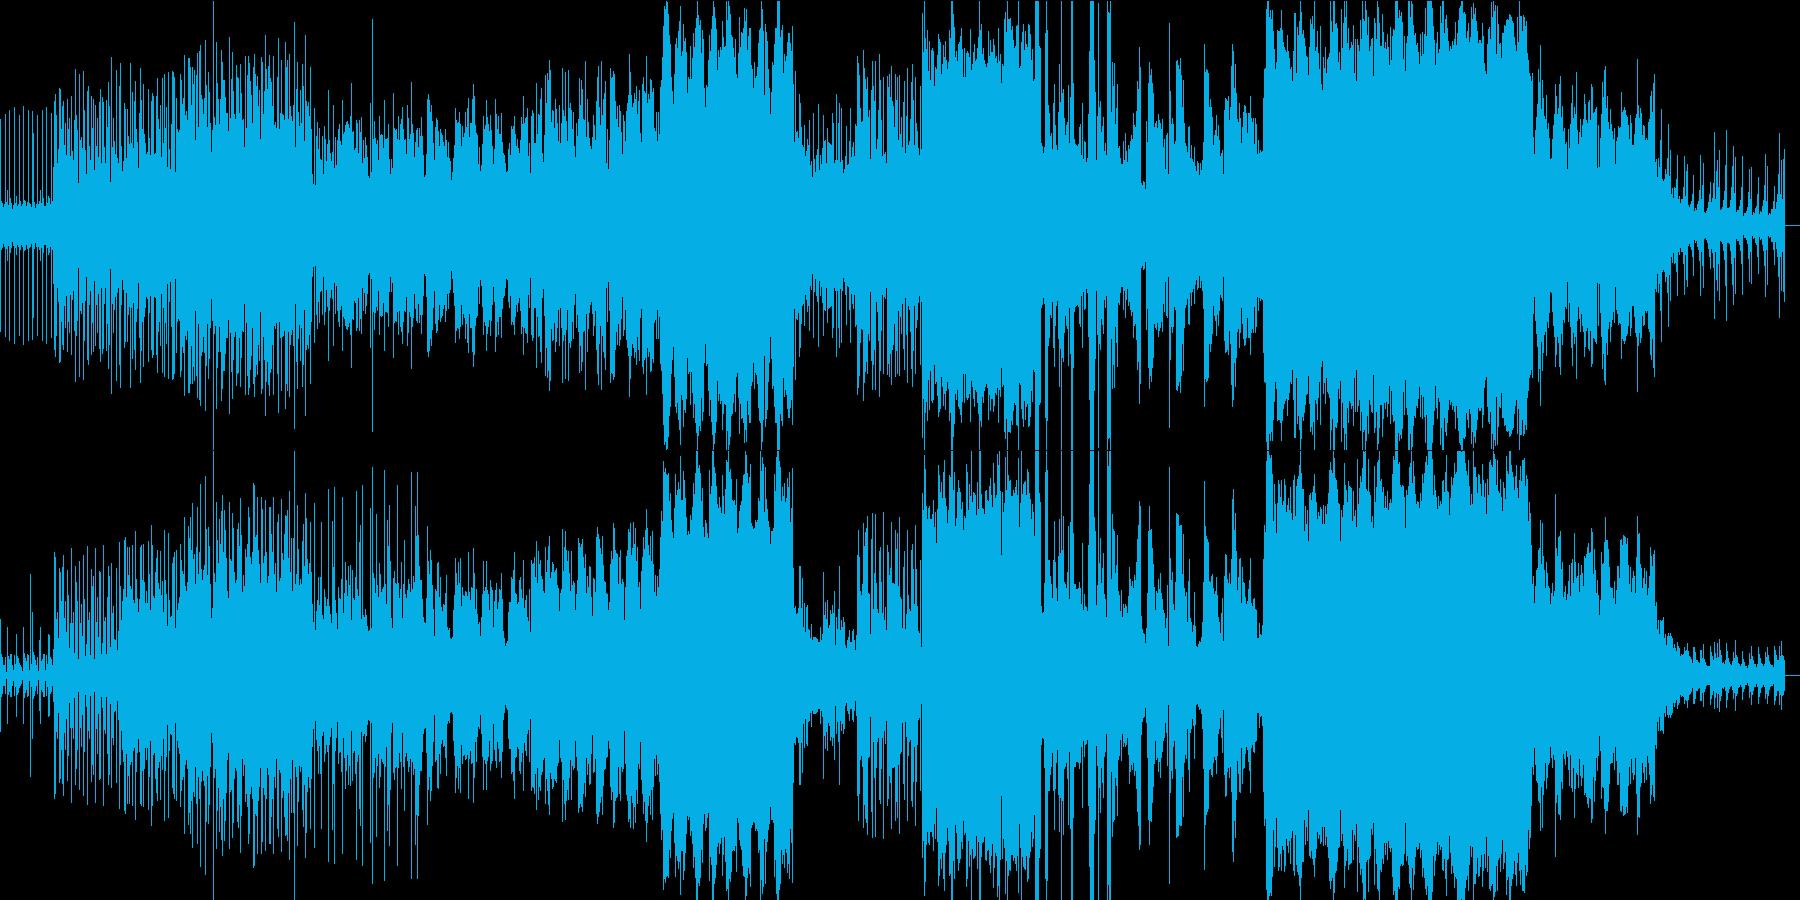 美麗男性ボーカルの憂いあふれる曲の再生済みの波形